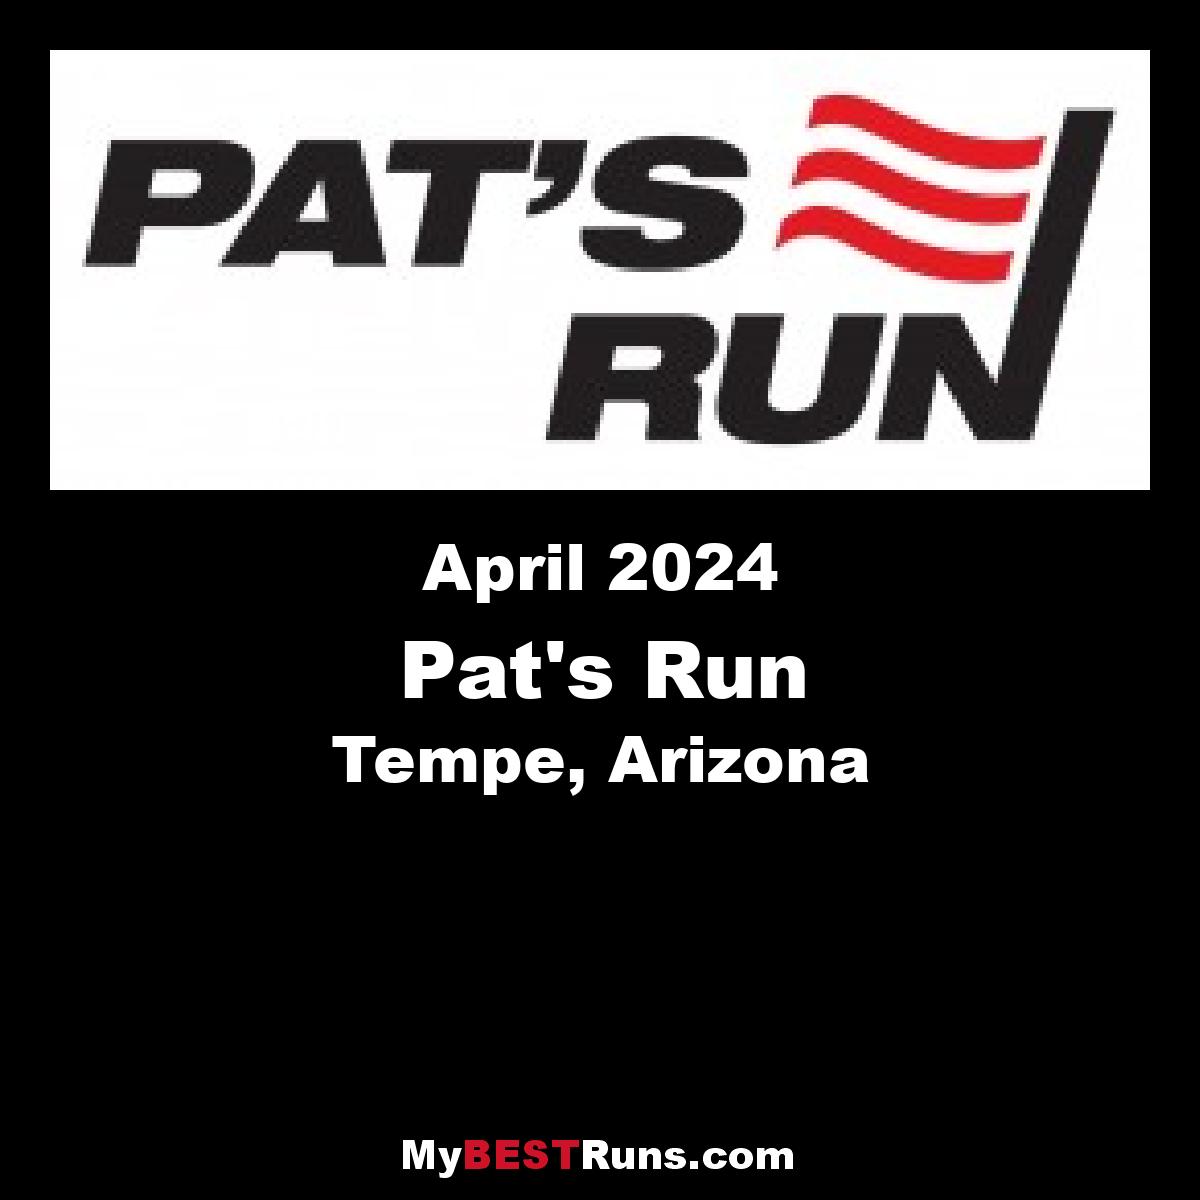 Pat's Run